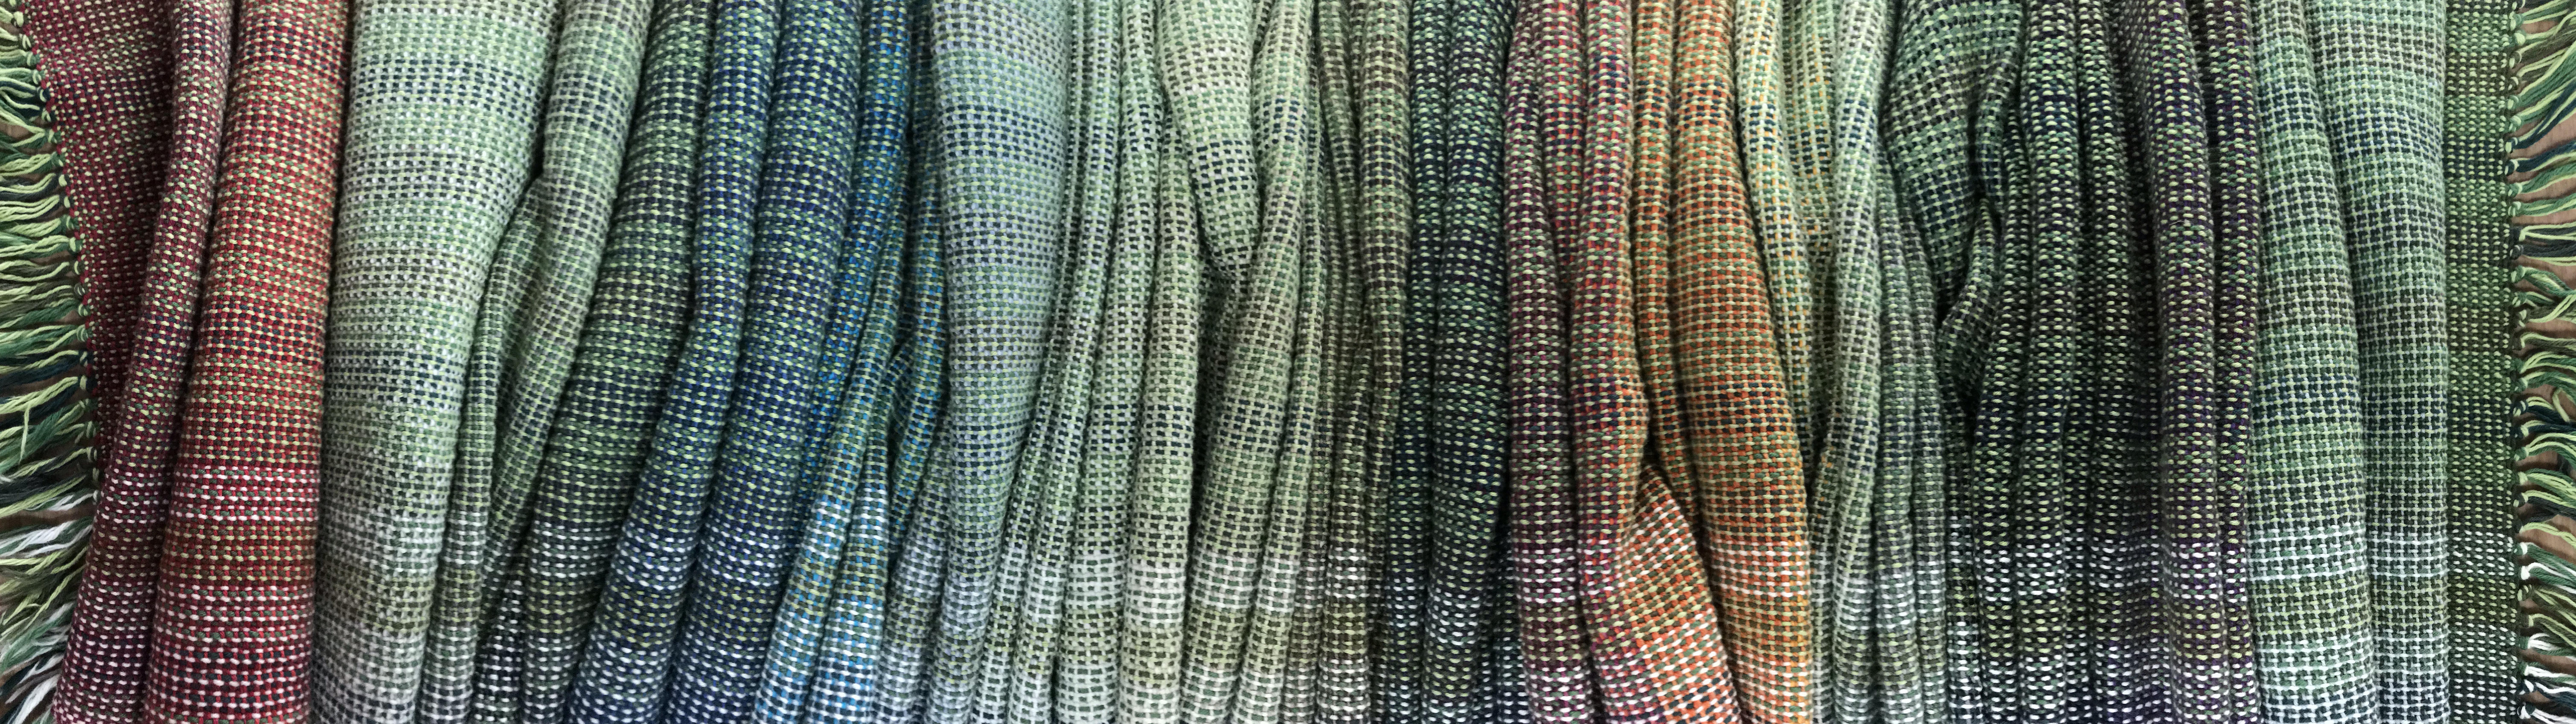 Green Fabric - panoramic